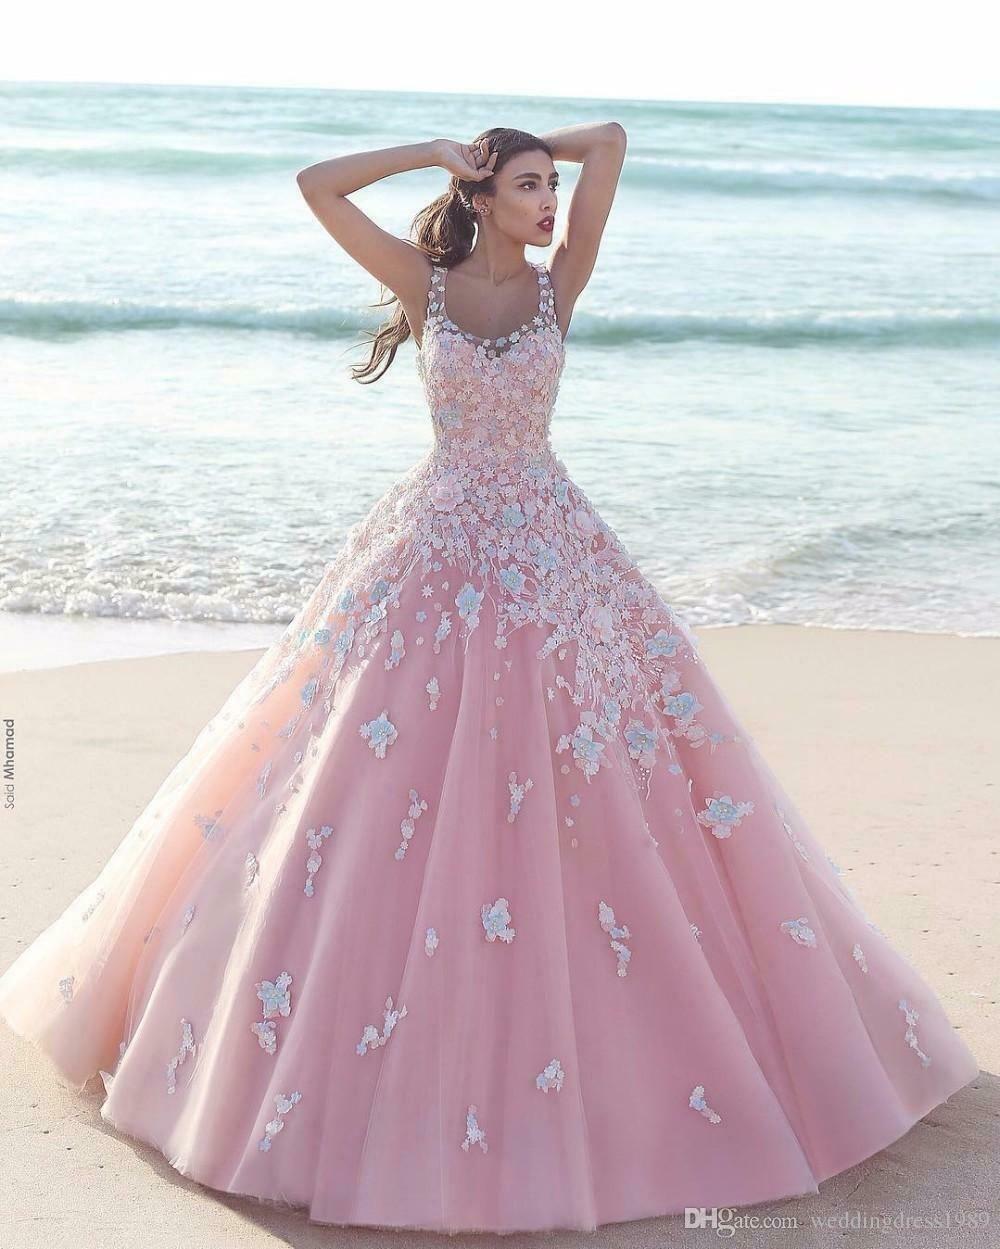 Princess Flower Pink Ball Gown Quinceanera Dress A Line Applique Tulle Evening Flower Dress Id Quinceanera Dresses Pink Pink Ball Gown Sheer Wedding Dress [ 1249 x 1000 Pixel ]